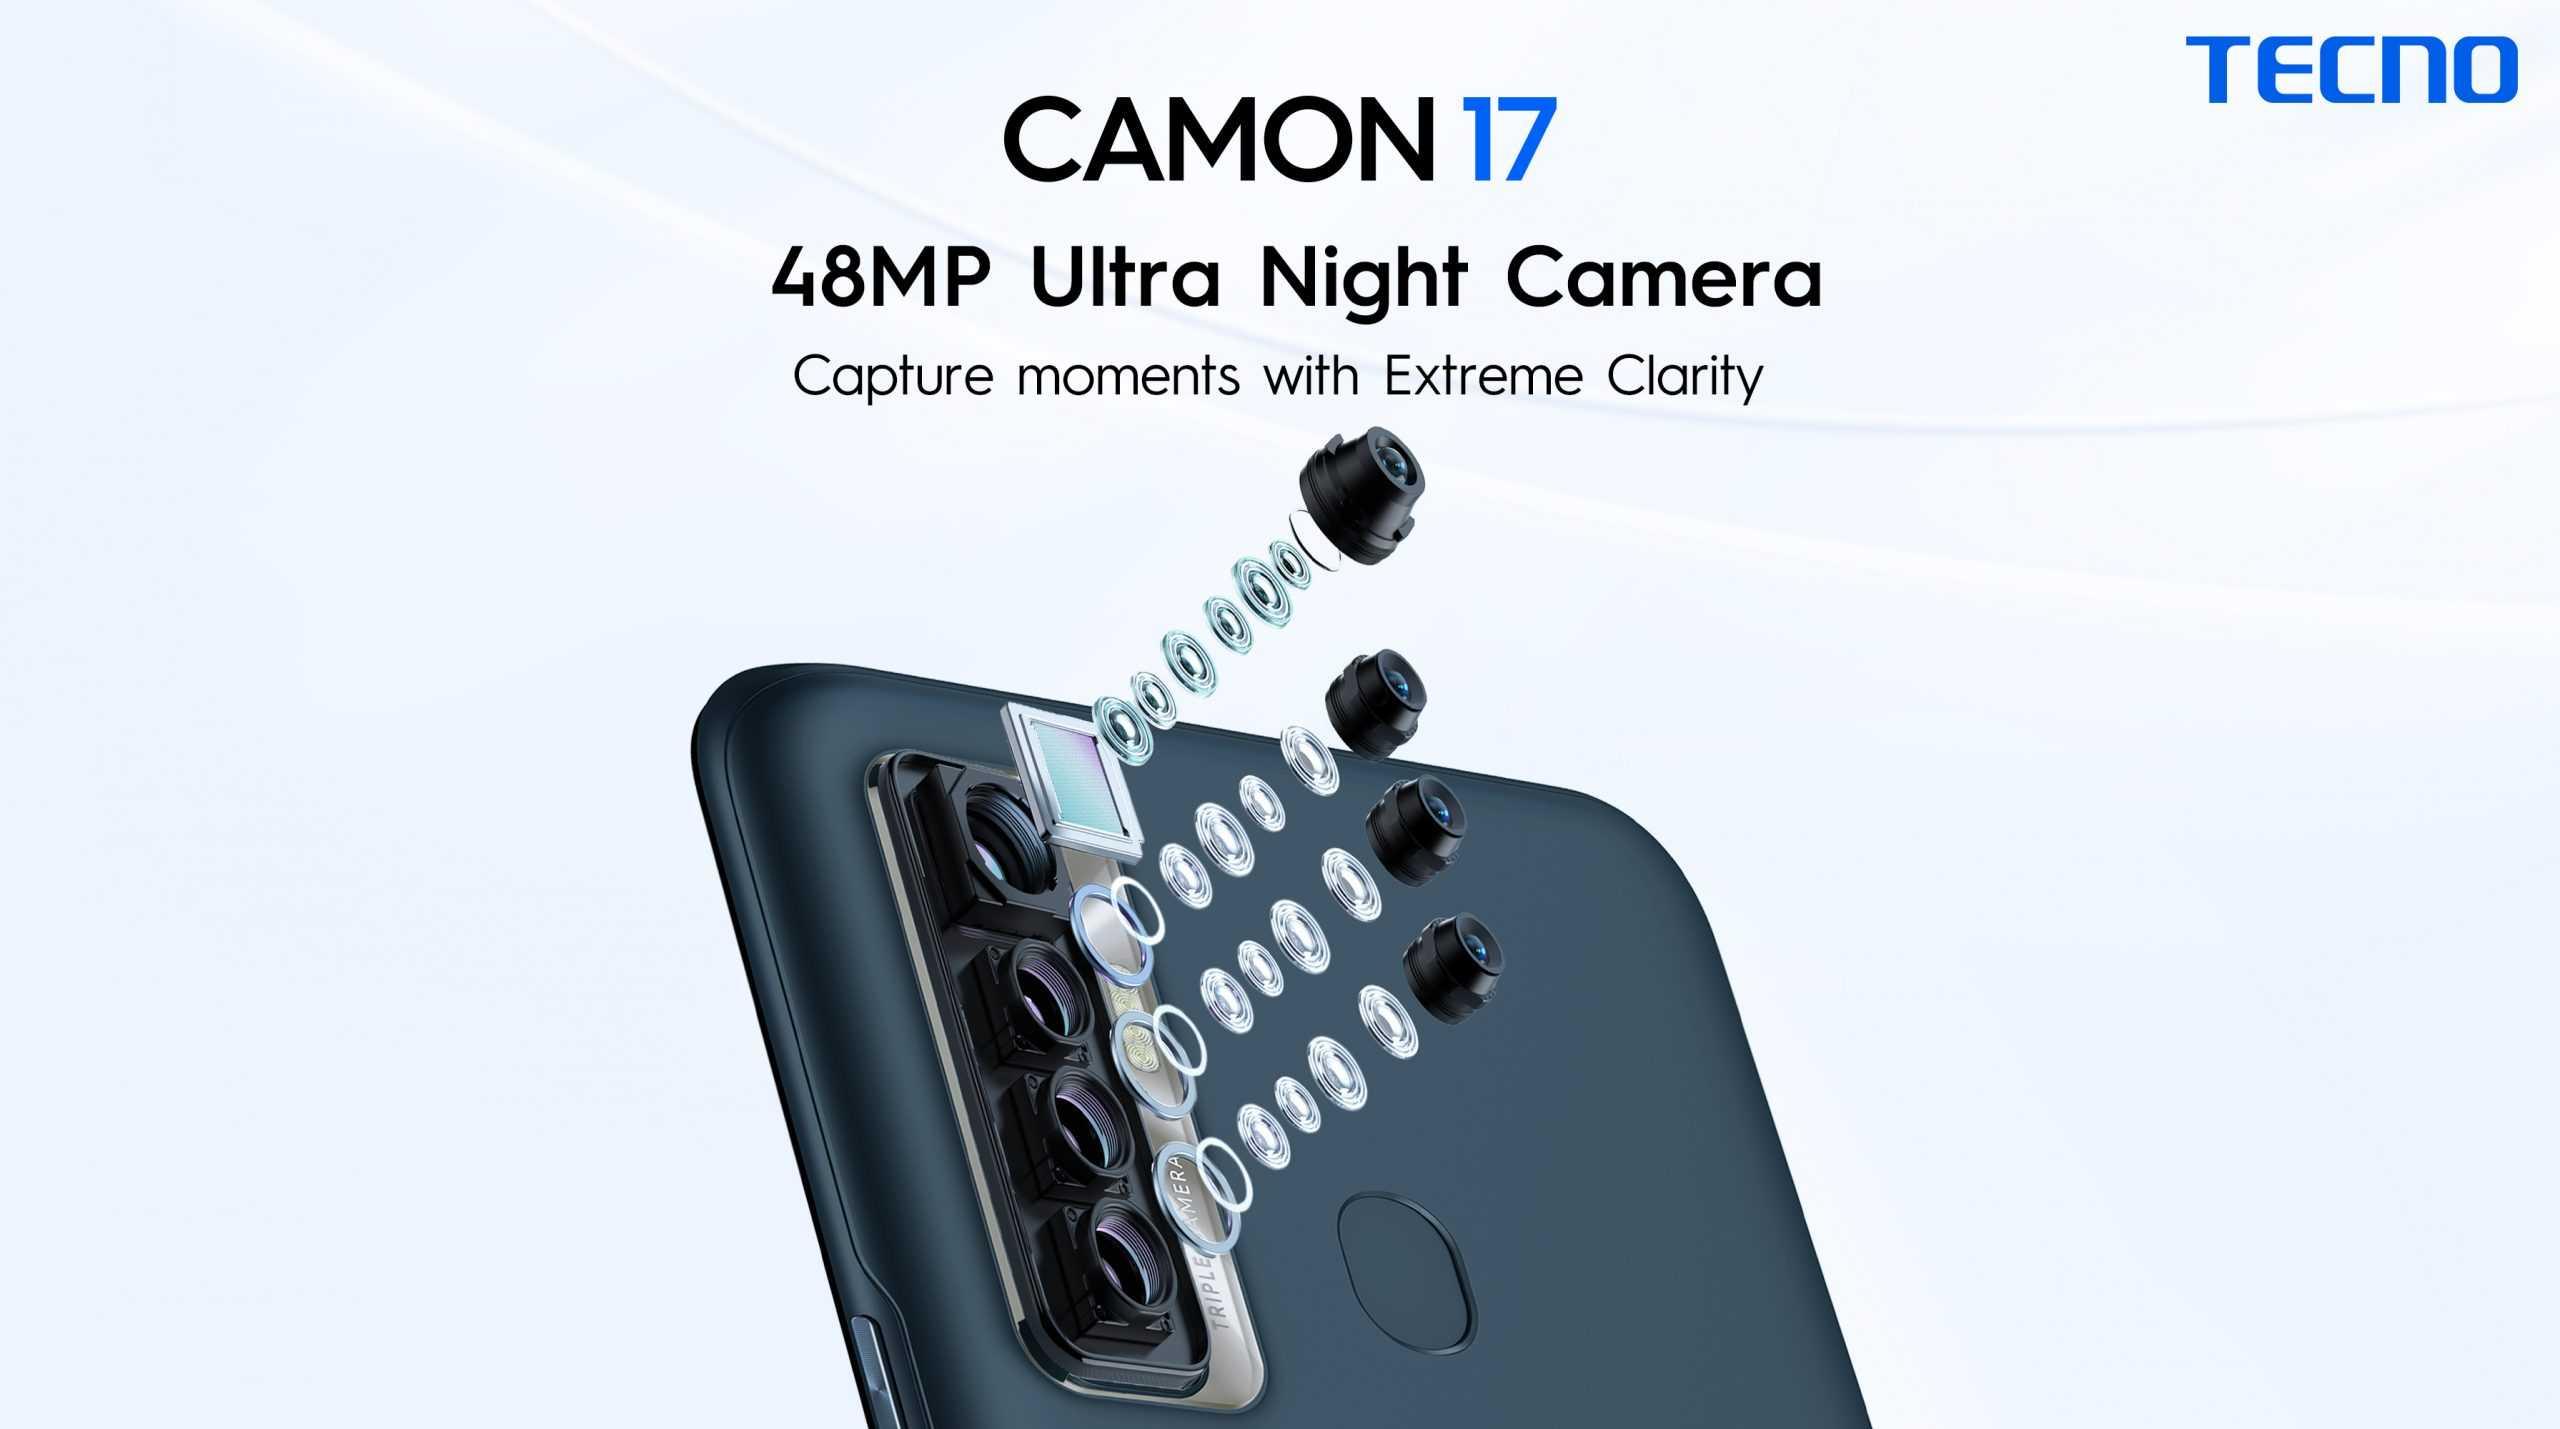 utra night camera